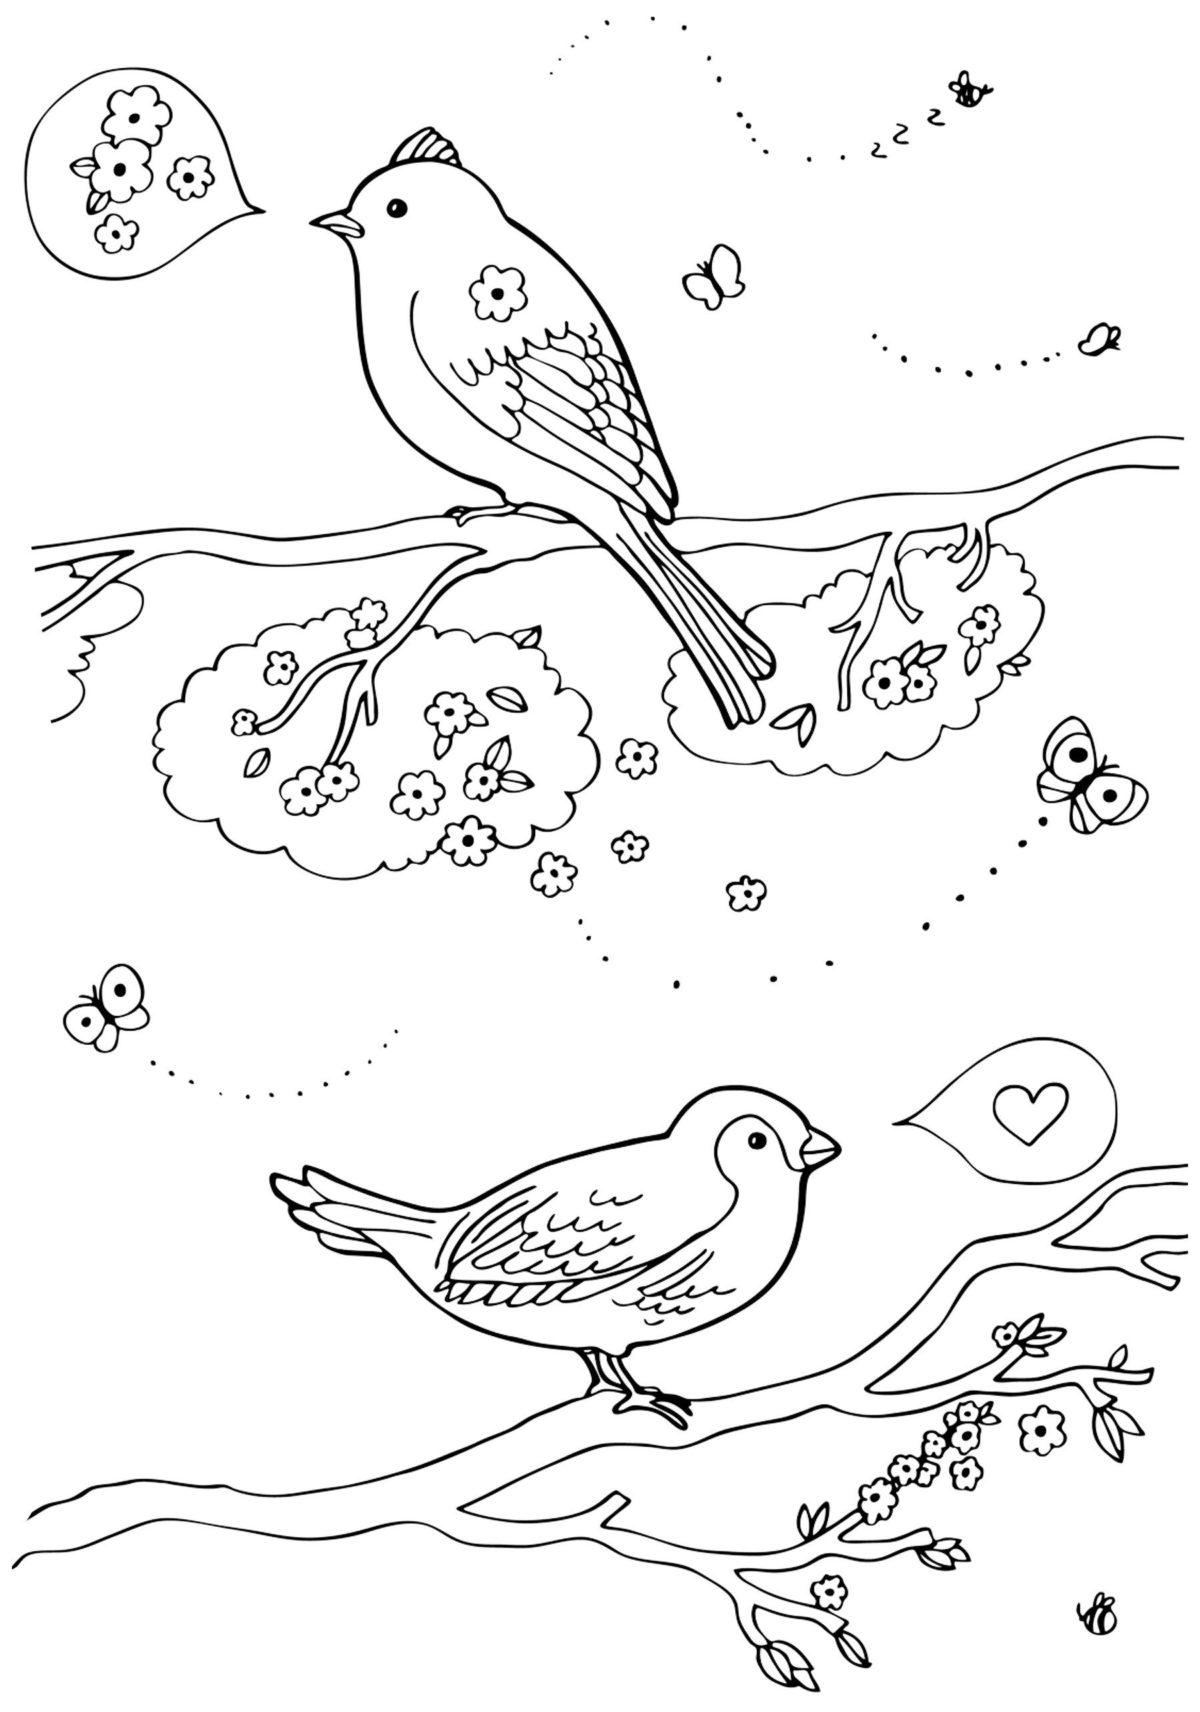 Весенние птицы - Картинка для раскрашивания красками-гуашью